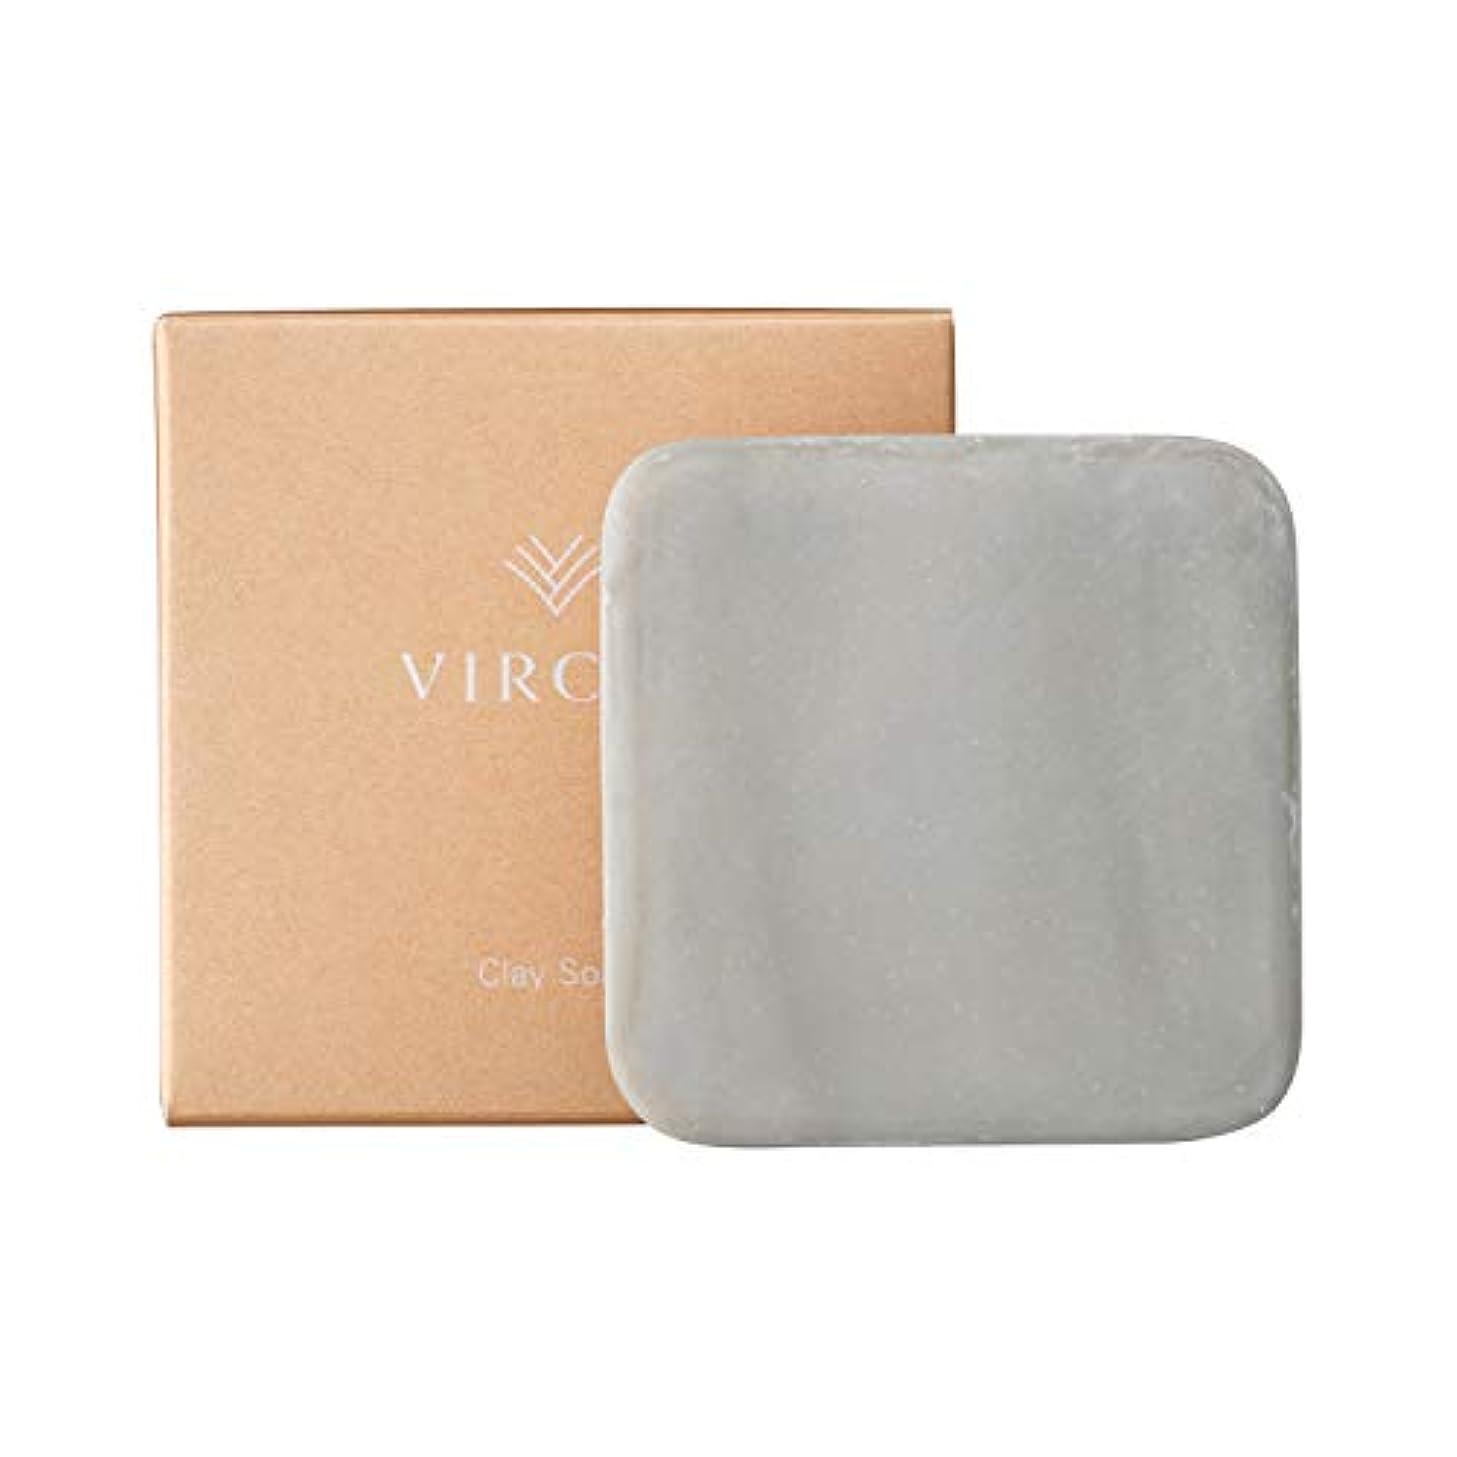 実験的文芸パノラマクレイソープ/マルラオイル(Marula Oil)配合/天然クレイと美容成分で肌をいたわる洗顔/80g(約60日分)